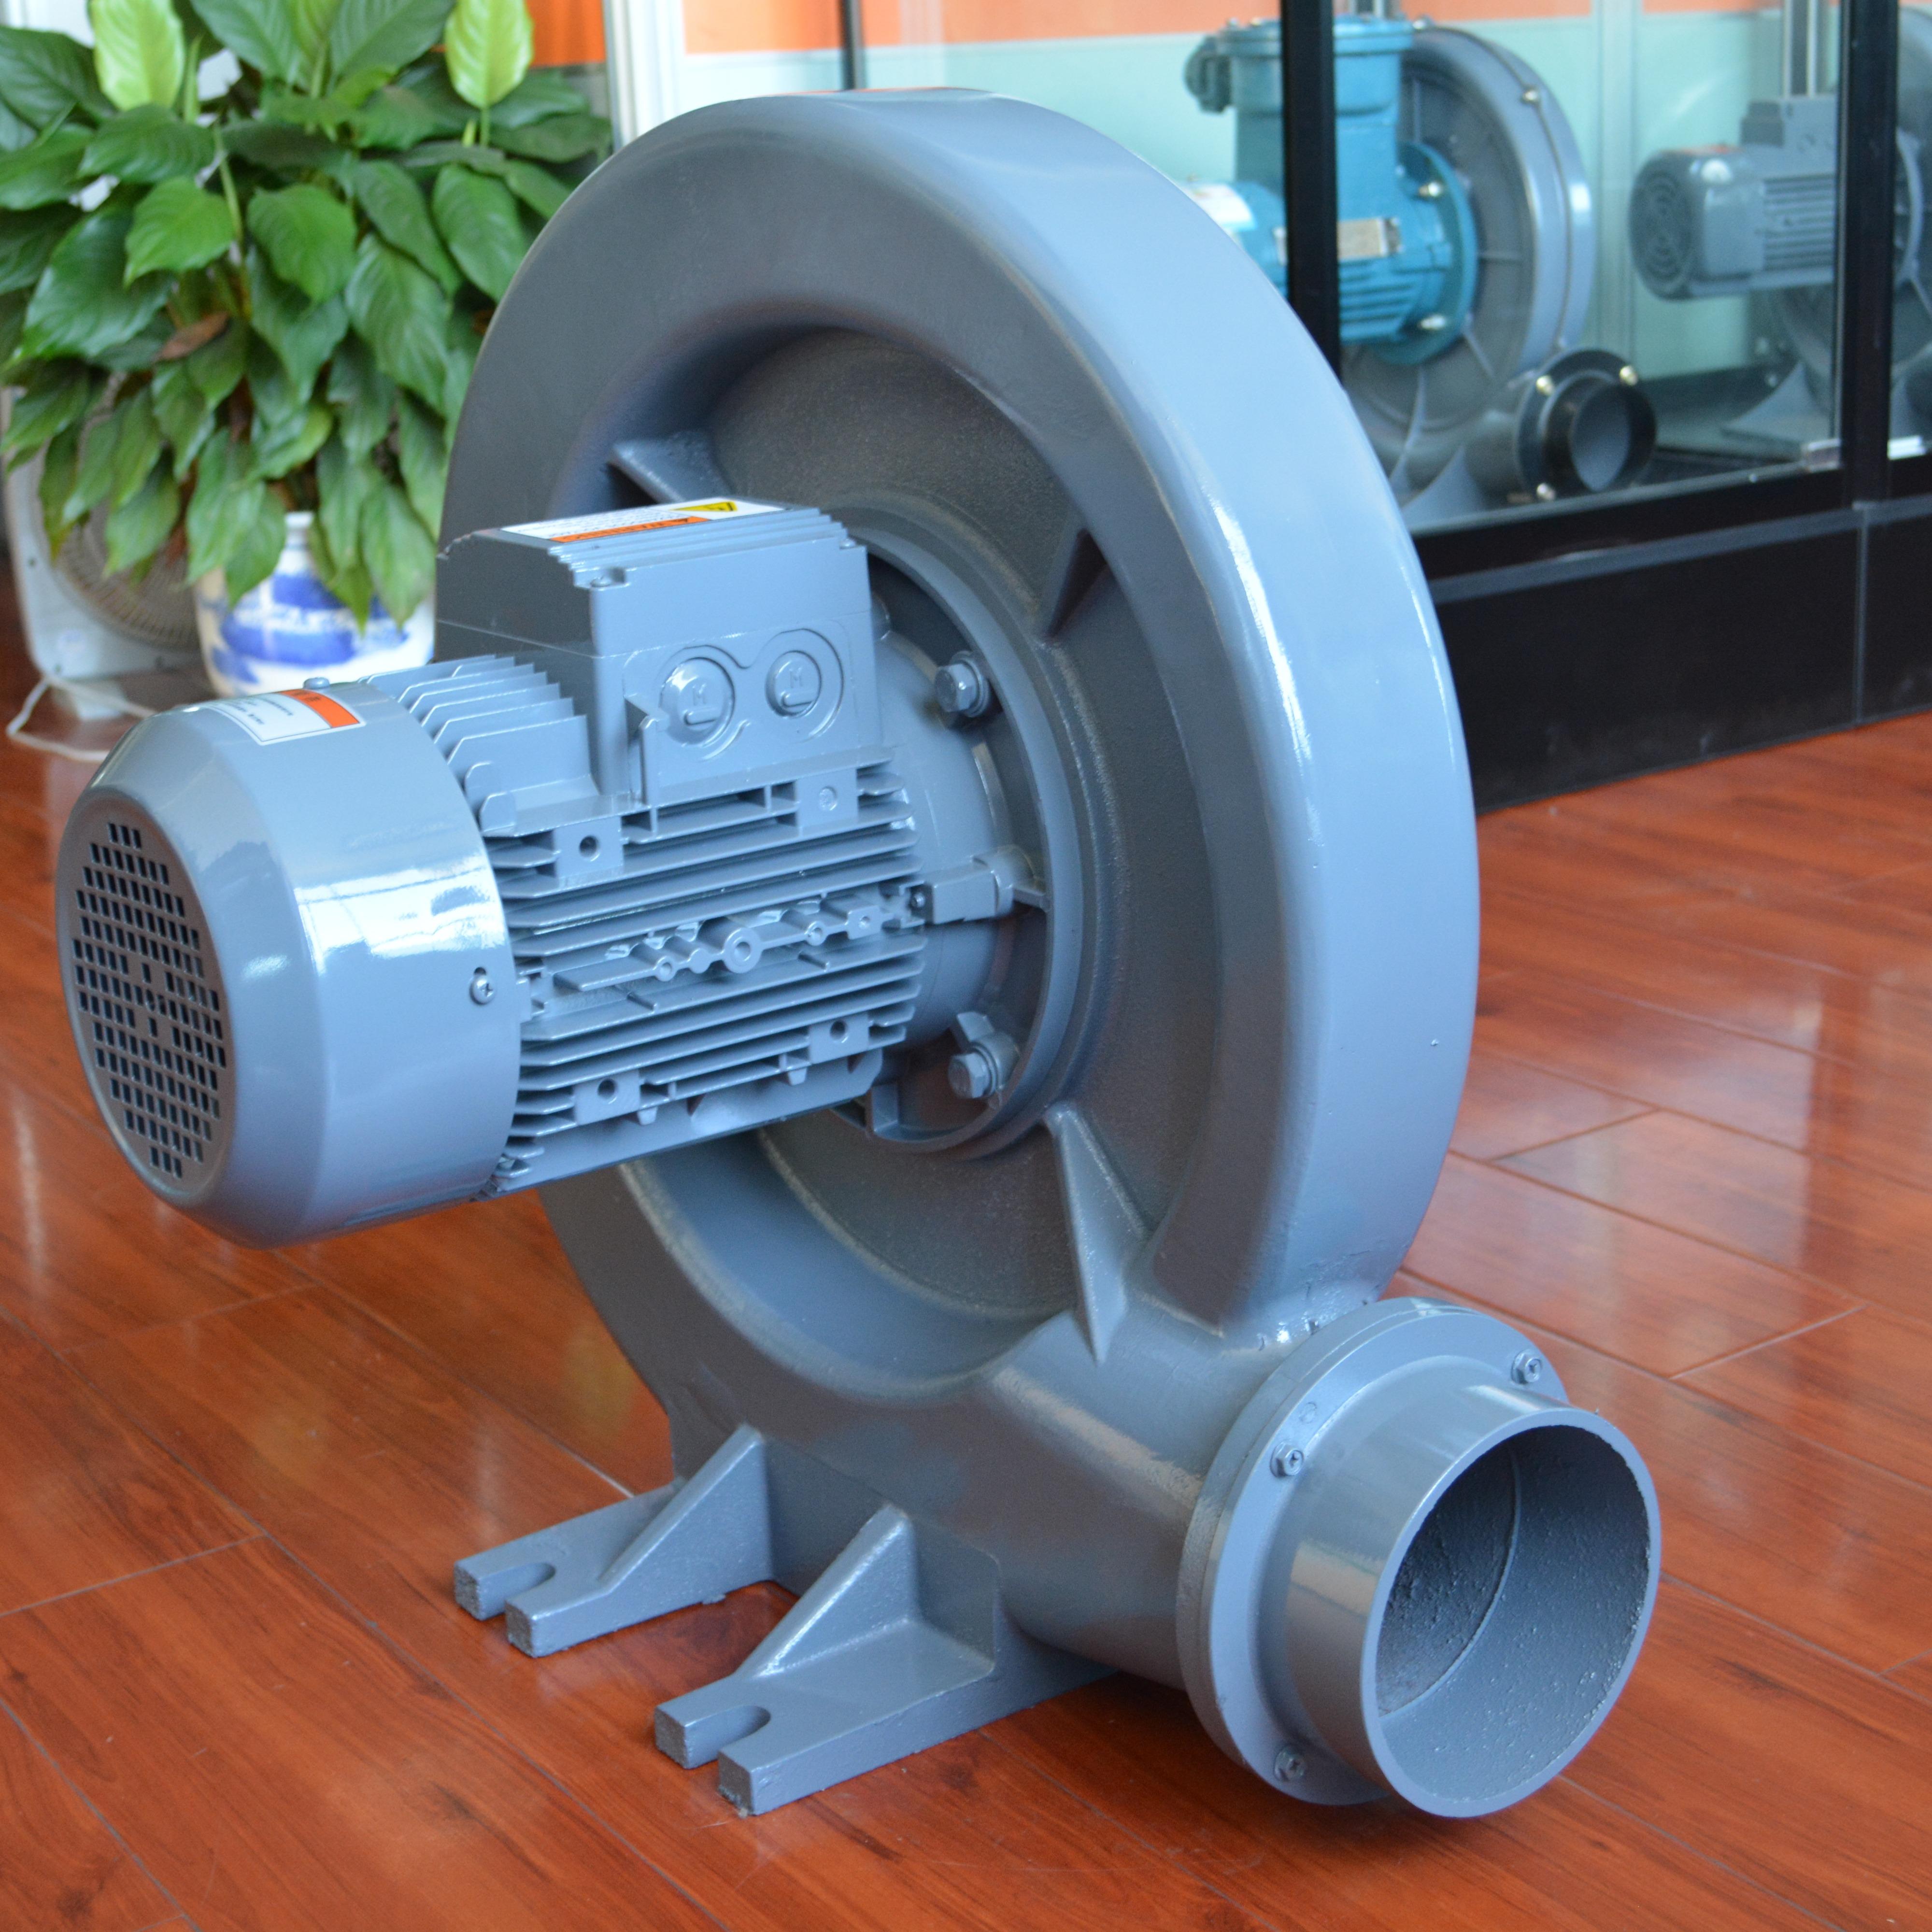 全风FX-2 0.75KW透浦式鼓风机易燃气体输送风机 BT4CT4铝壳防爆鼓风机